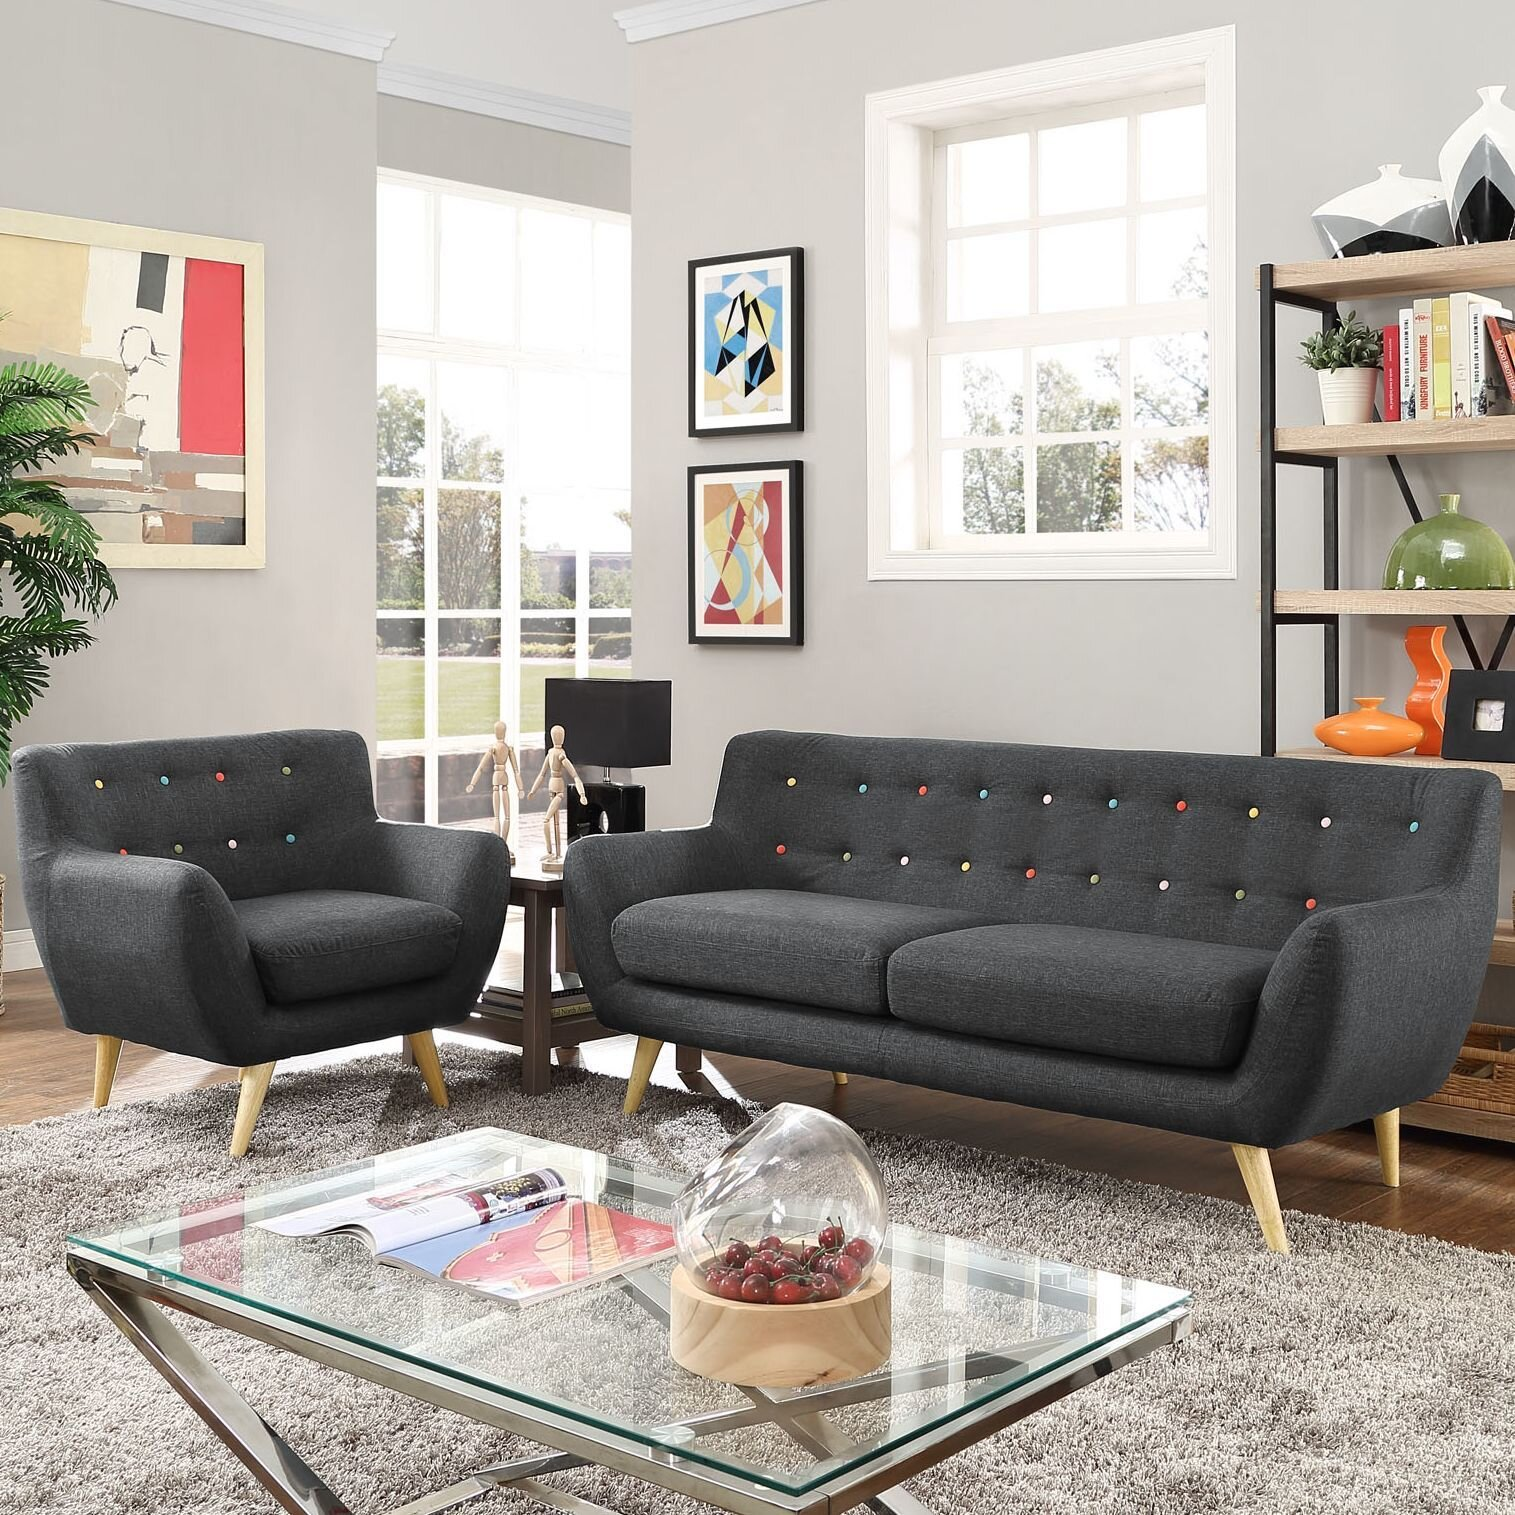 Muốn phòng khách đẹp trước tiên phải có sofa đẹp